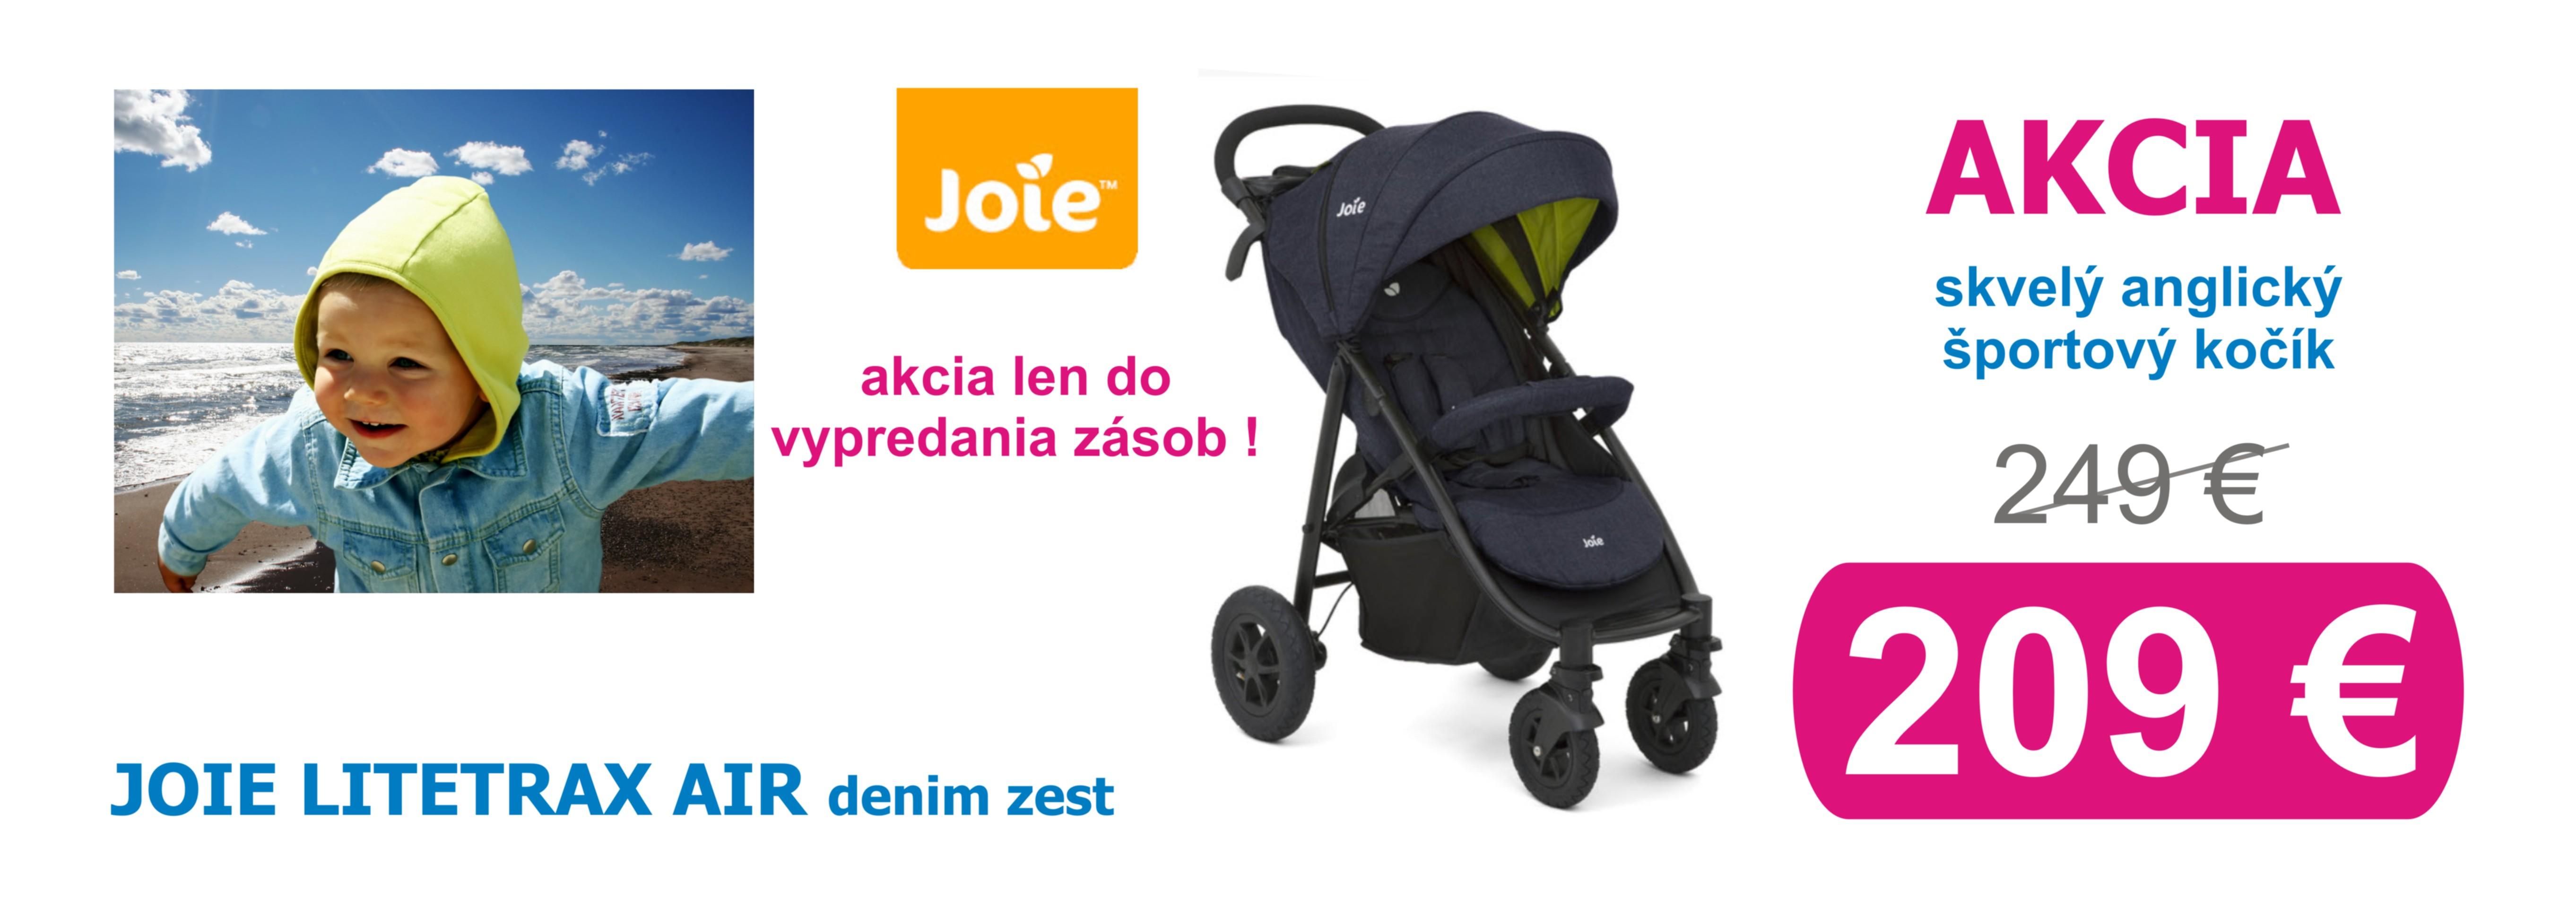 Domov - slide 2